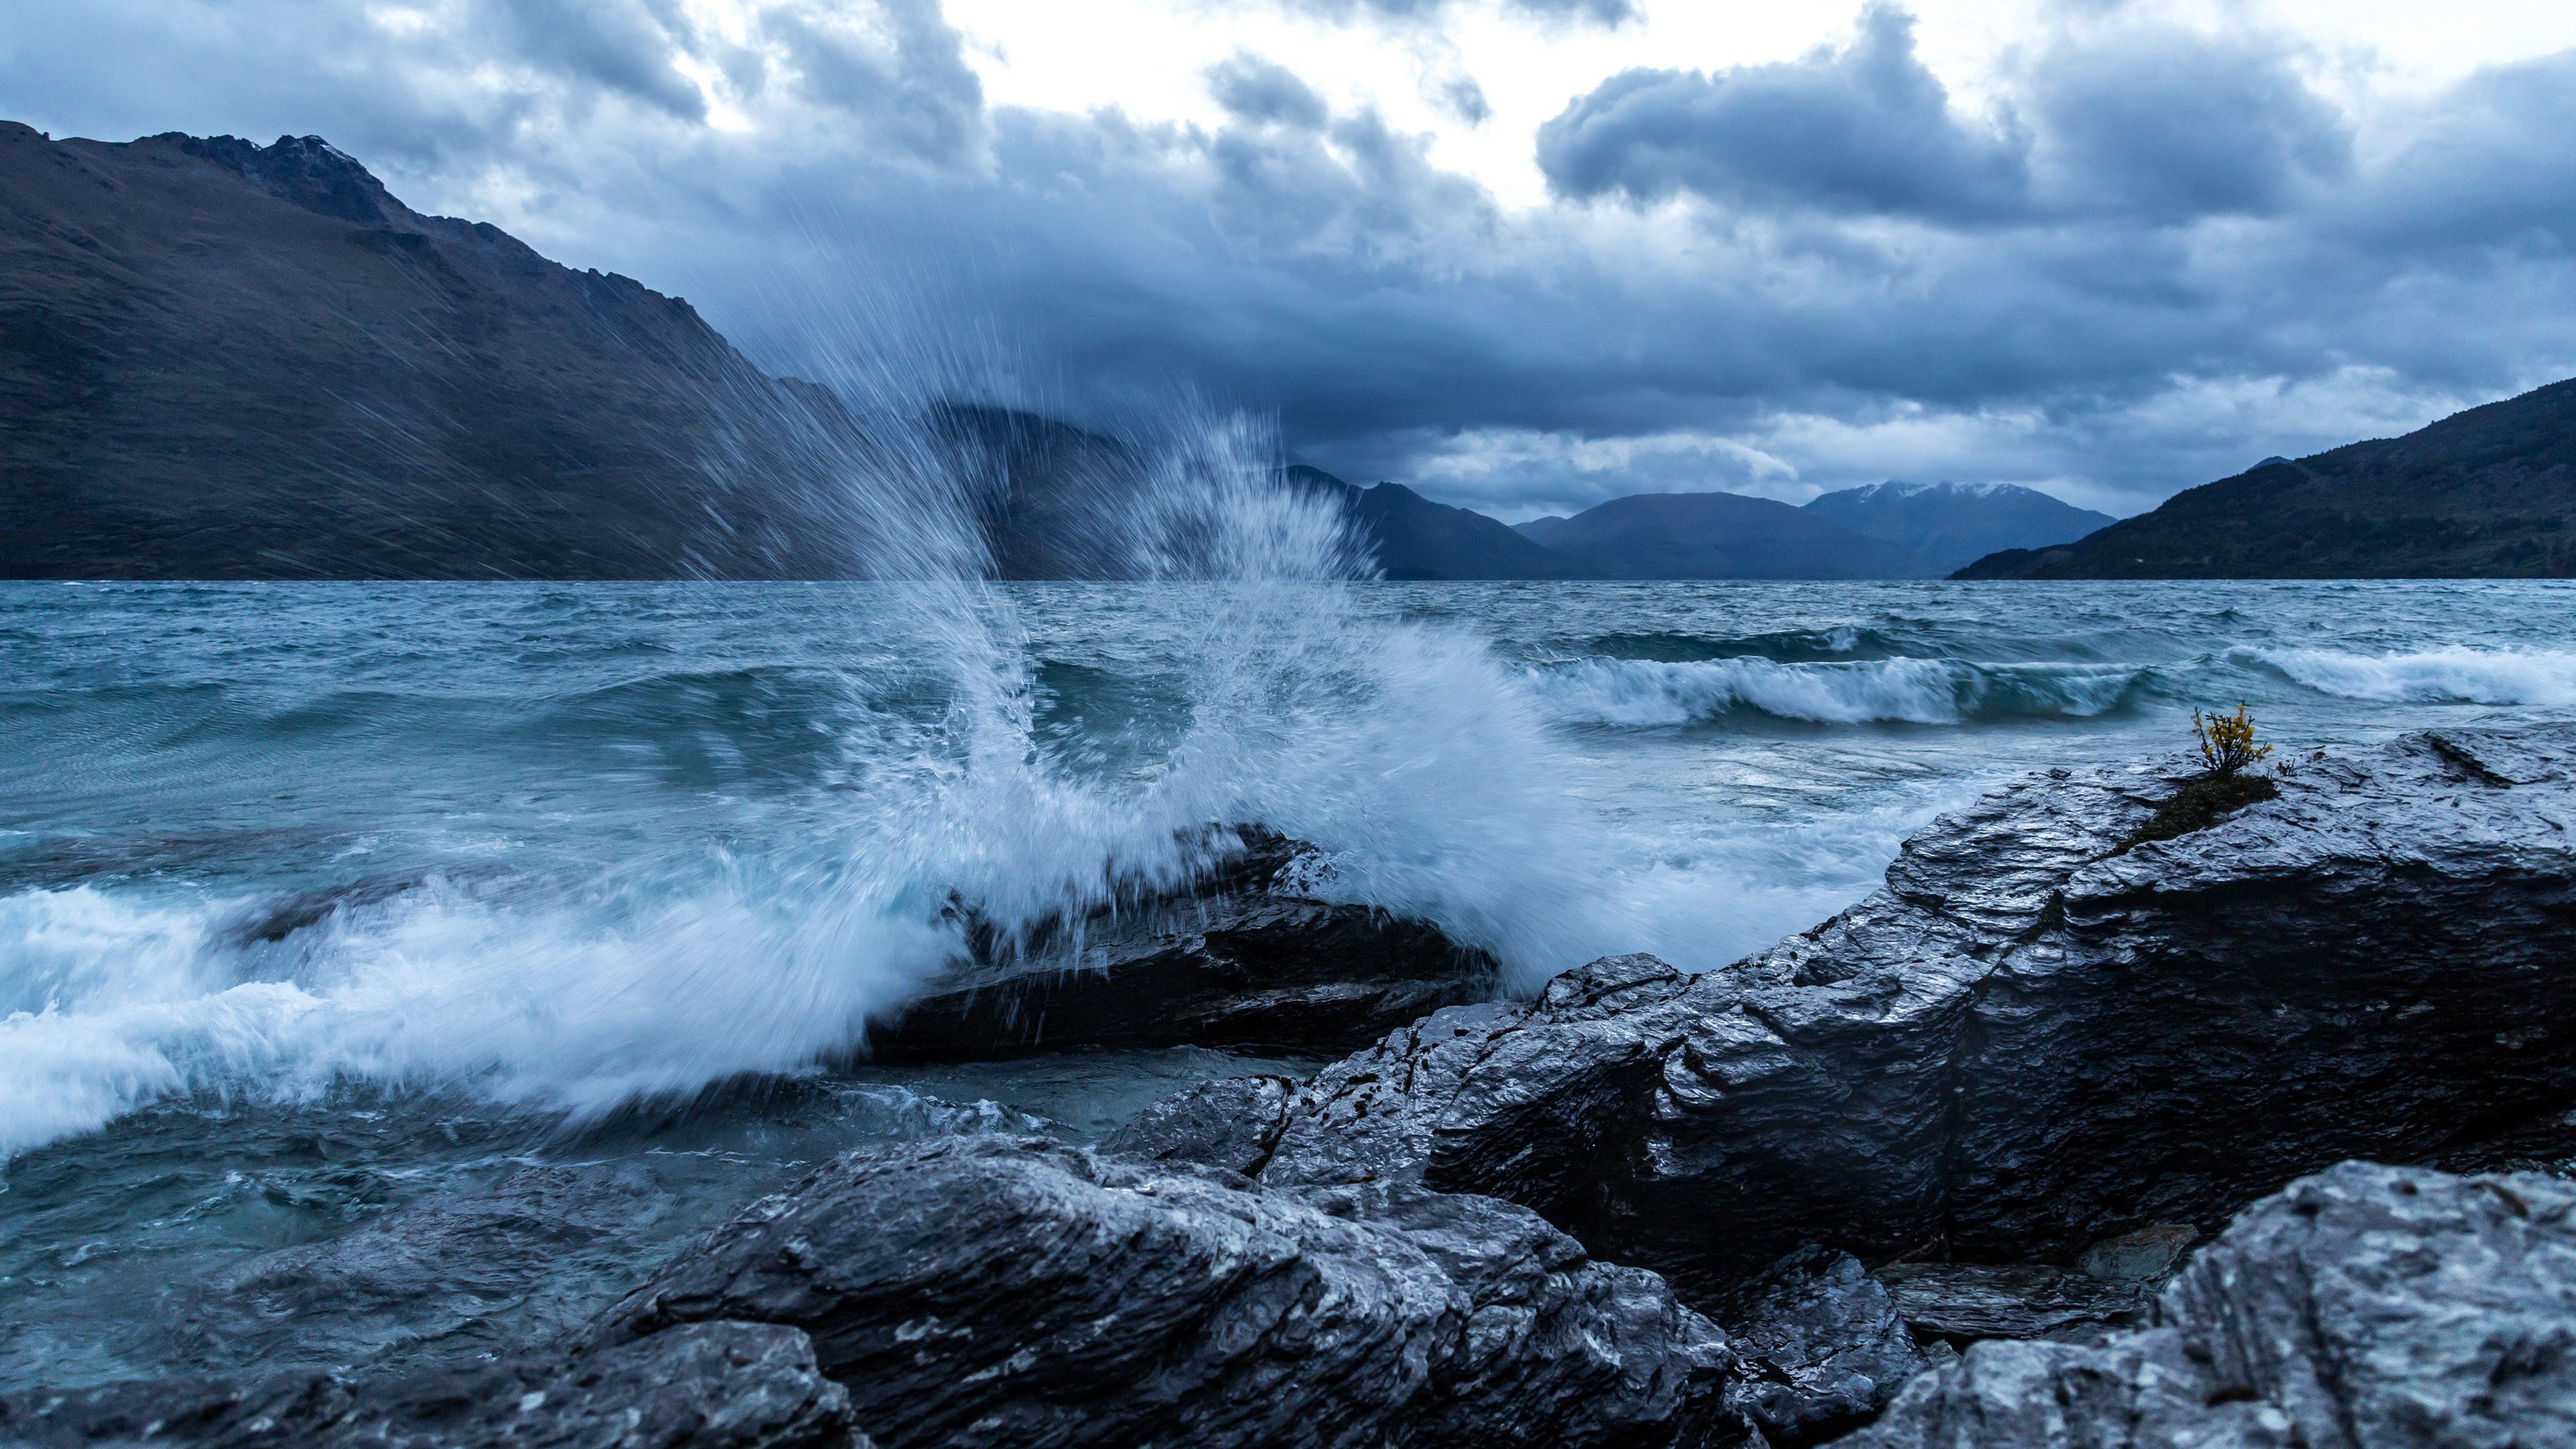 Res: 3840x2160, Ocean Scenes Wallpapers PC Laptop Ocean Scenes Wallpapers in